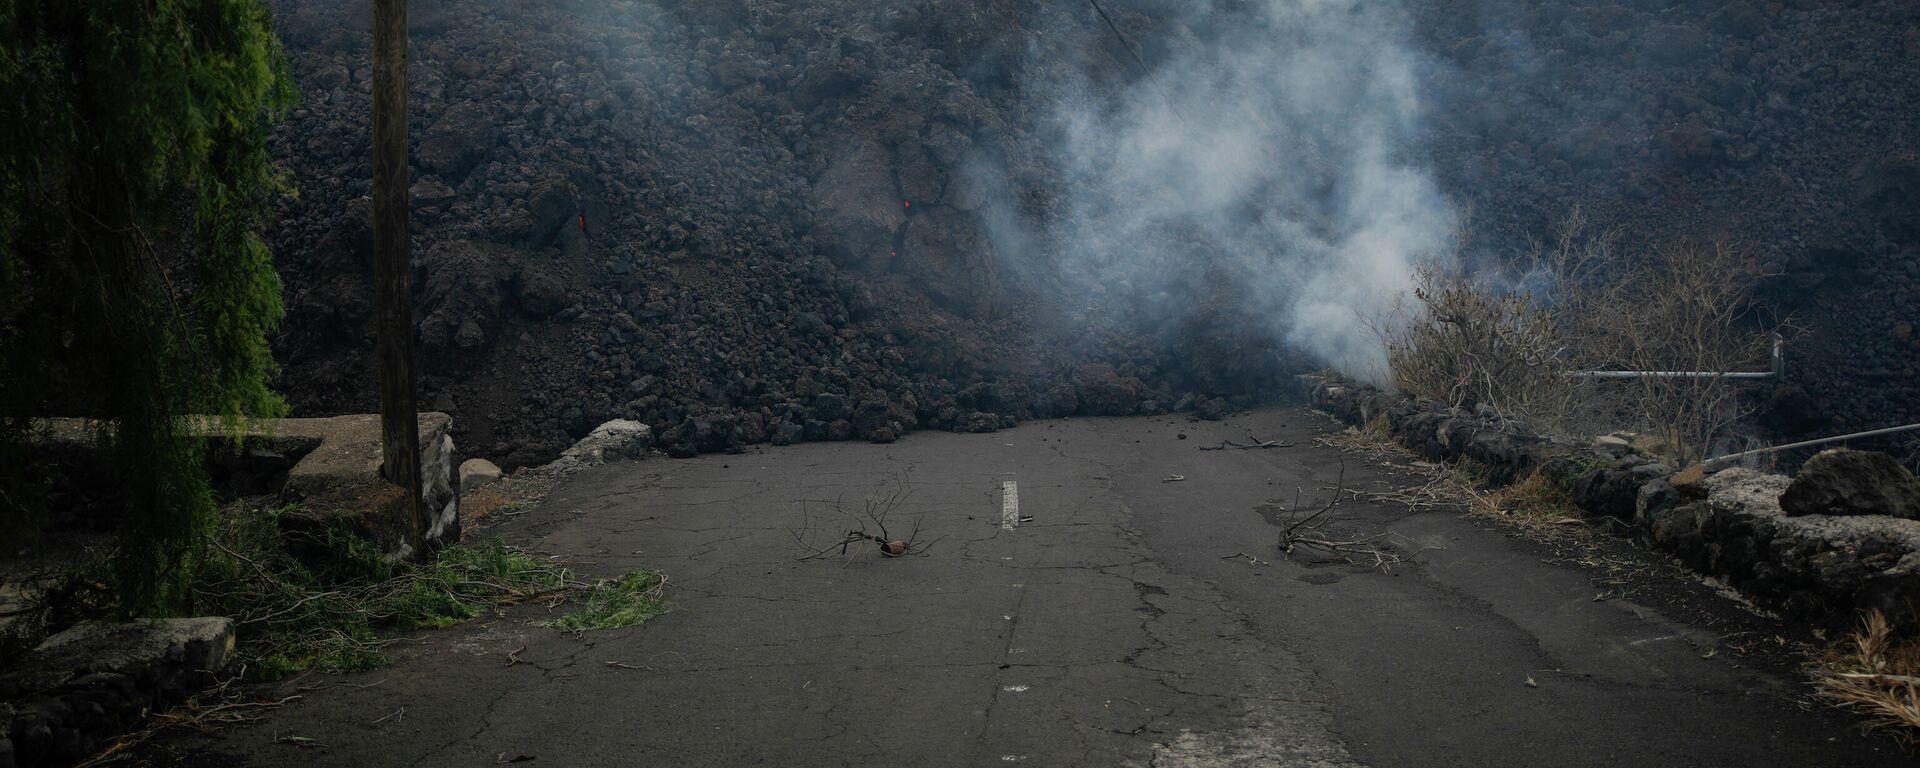 La lava del volcán de La Palma llega al núcleo urbano de Todoque - Sputnik Mundo, 1920, 24.09.2021